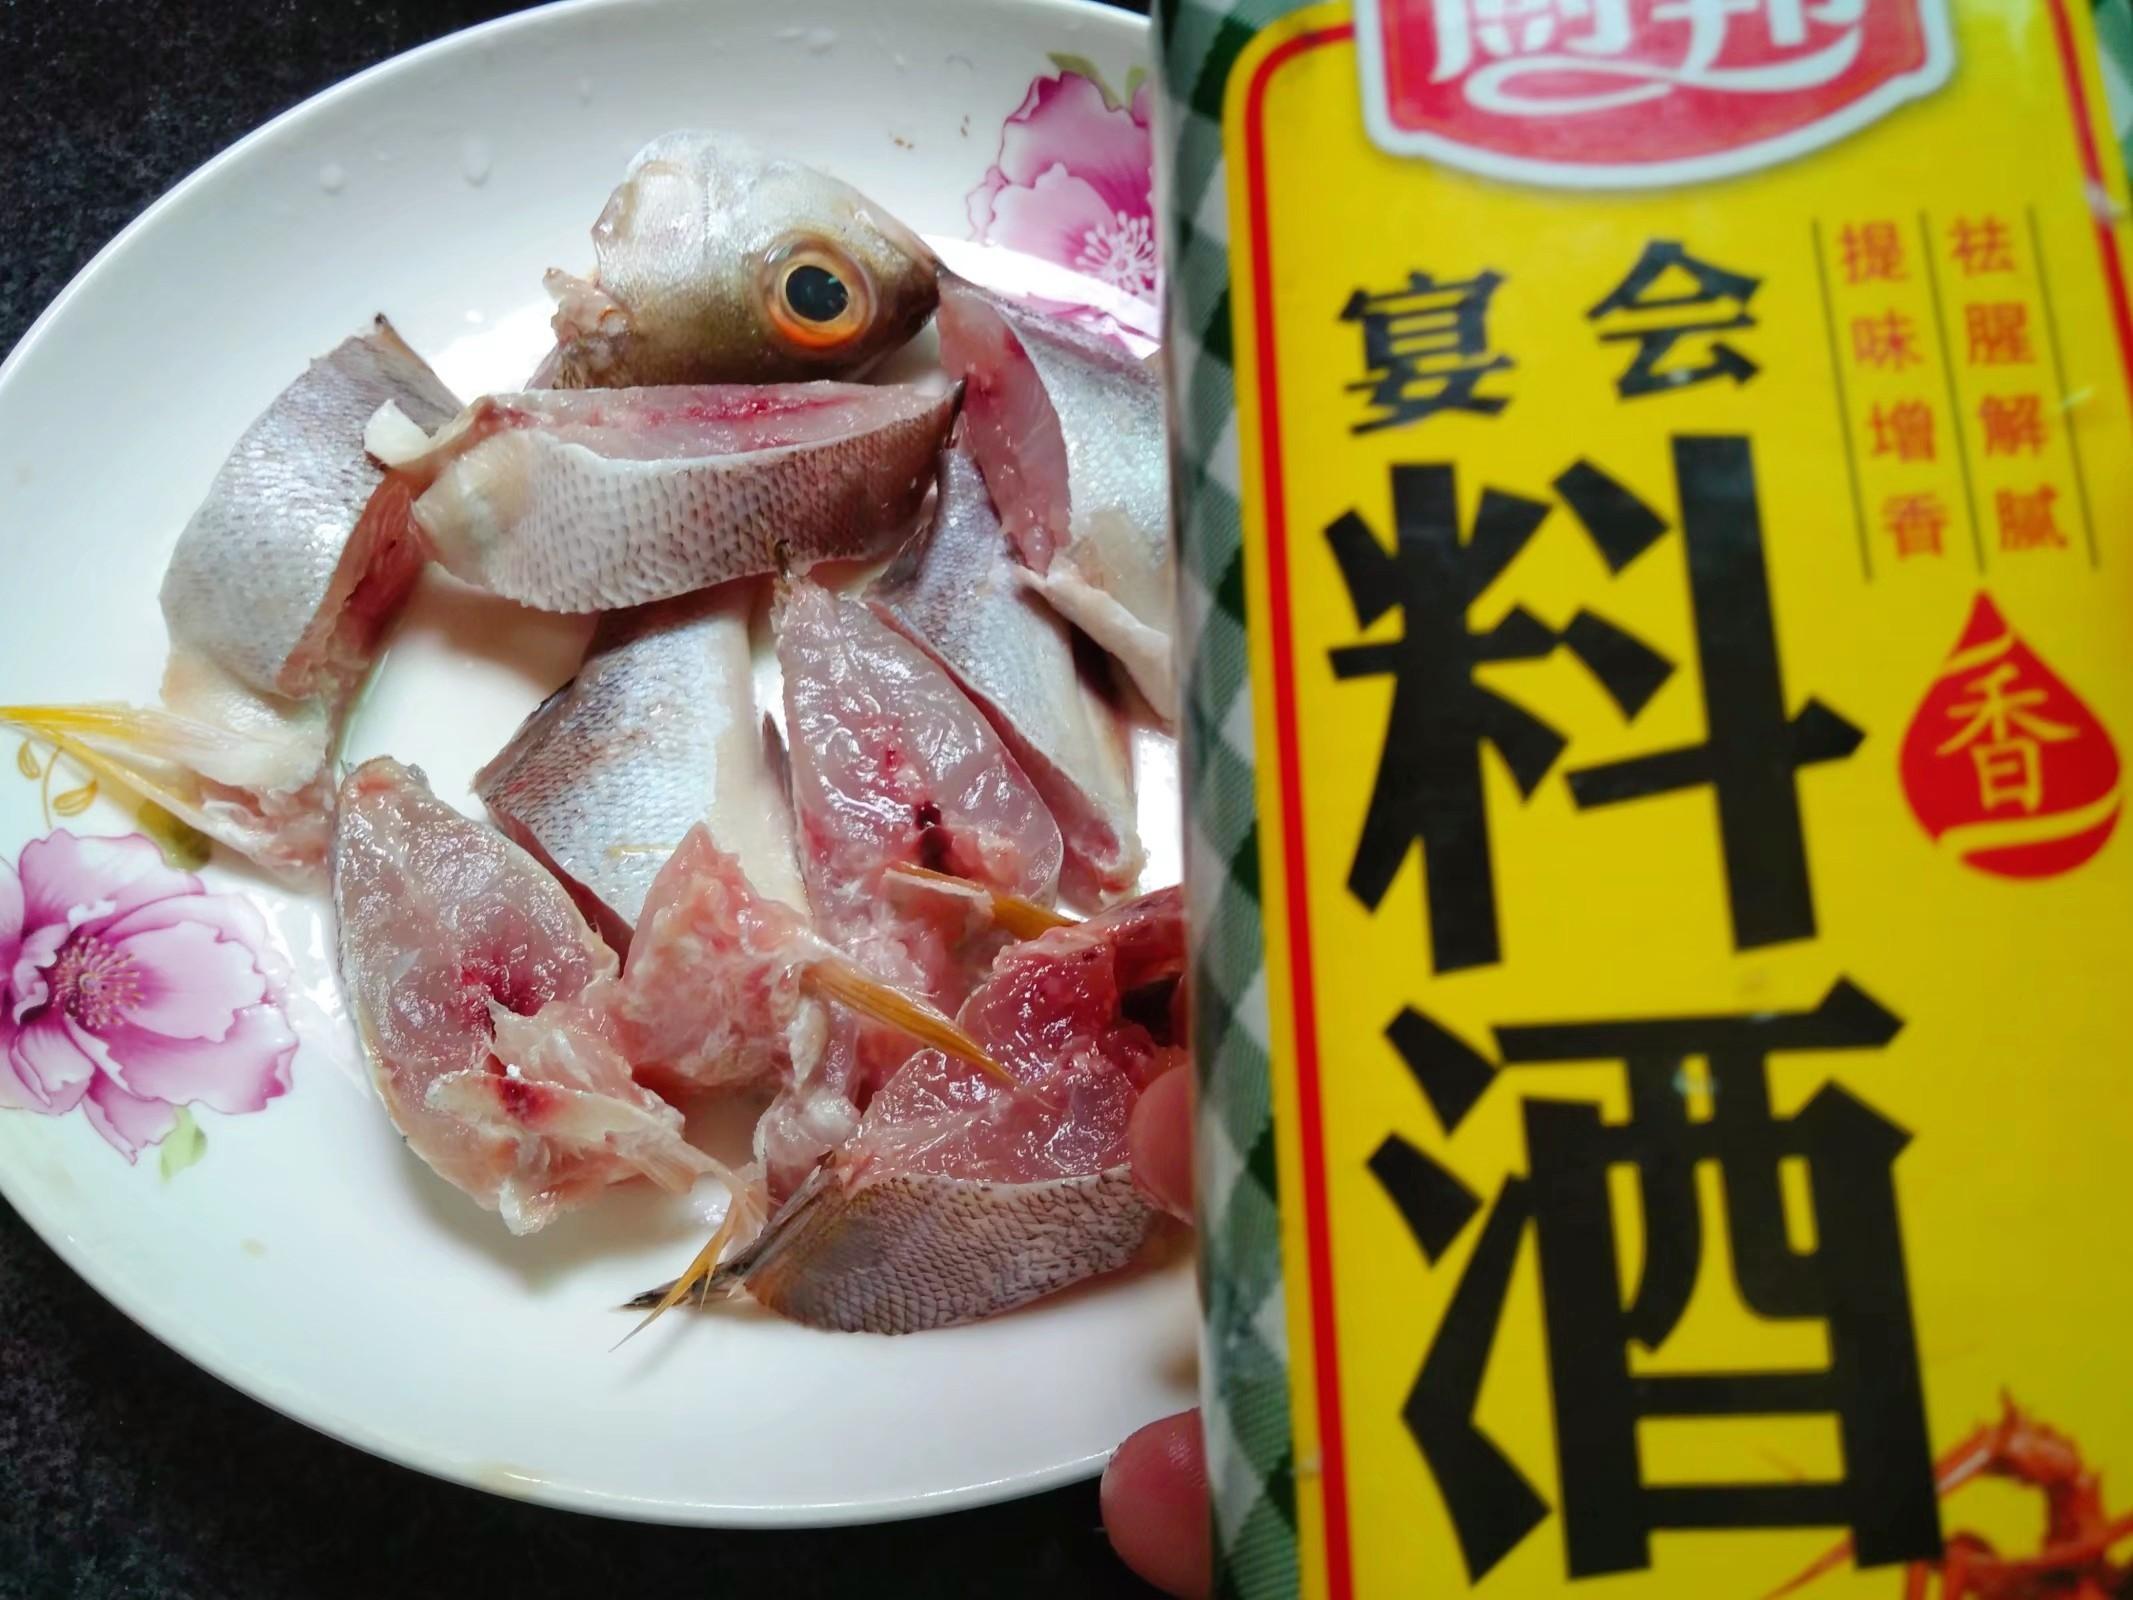 辣椒酱蒸鱼的简单做法